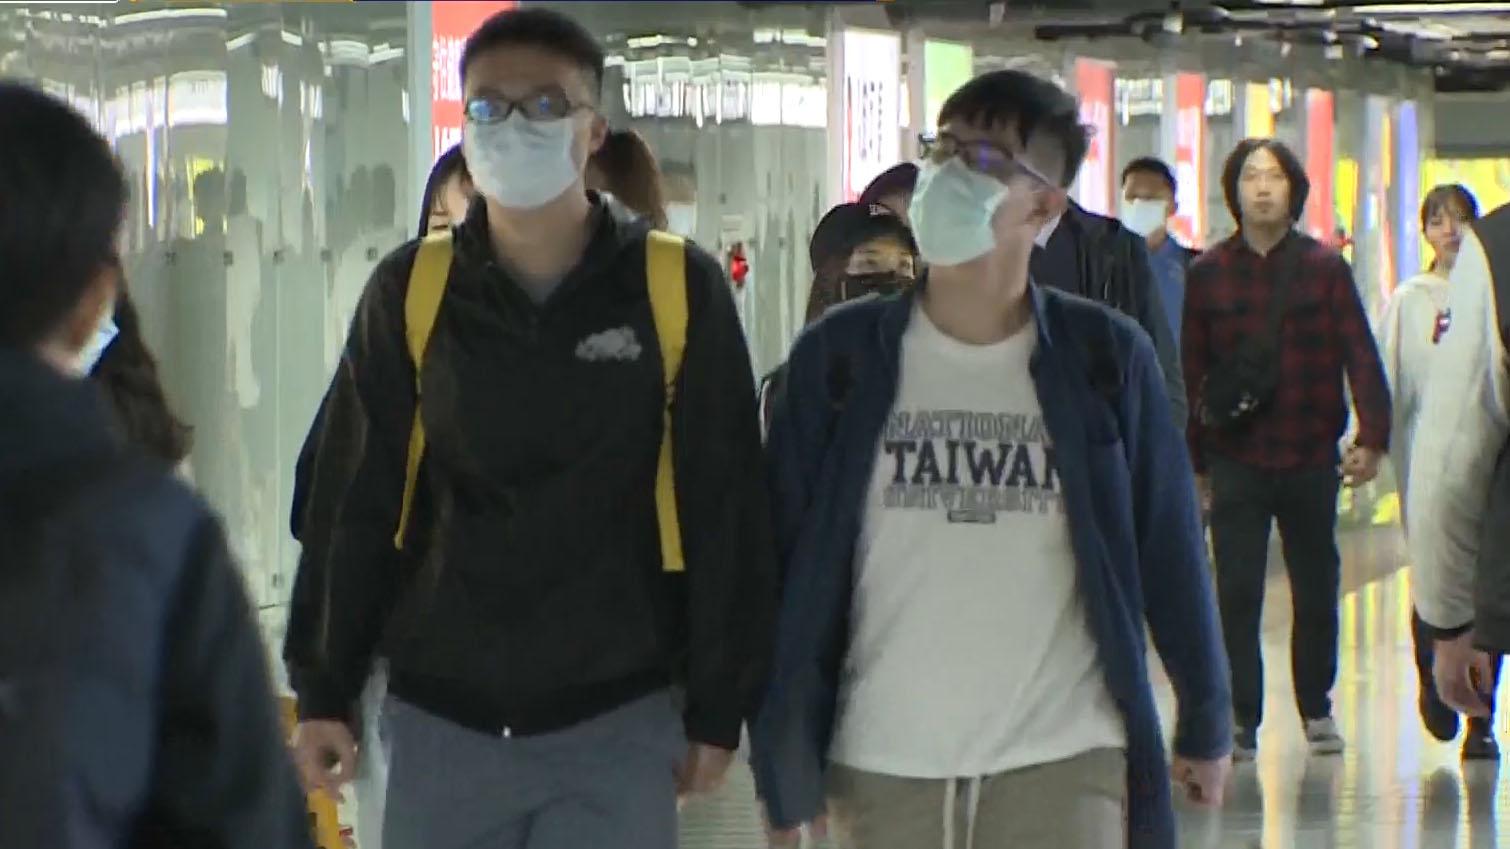 台灣擬展開「抗疫外交」向歐盟捐贈口罩